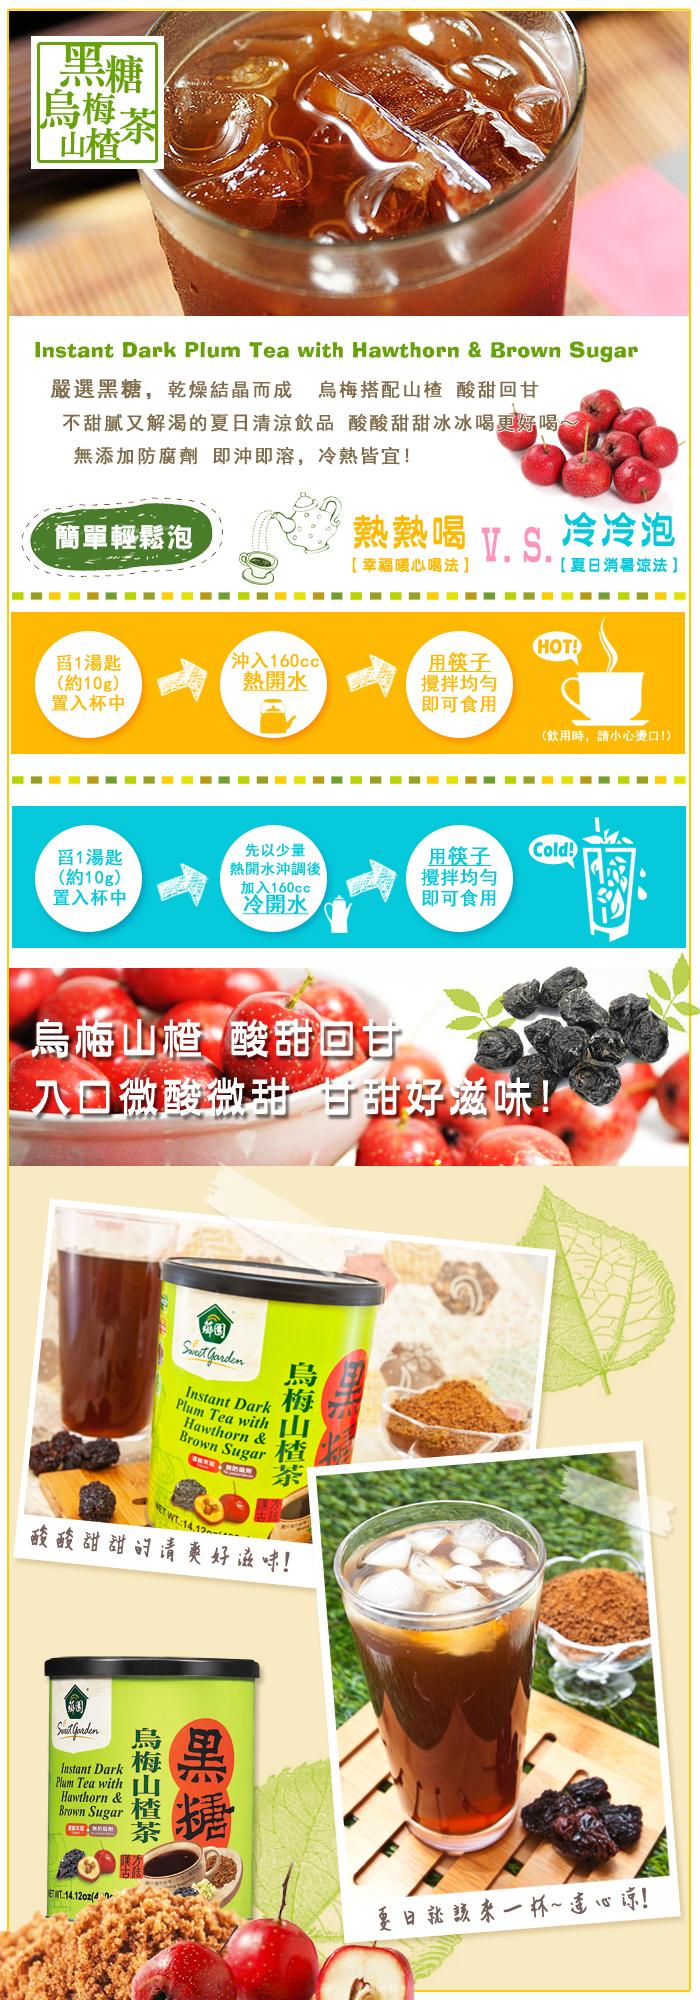 黑糖烏梅山楂茶(粉末)罐裝